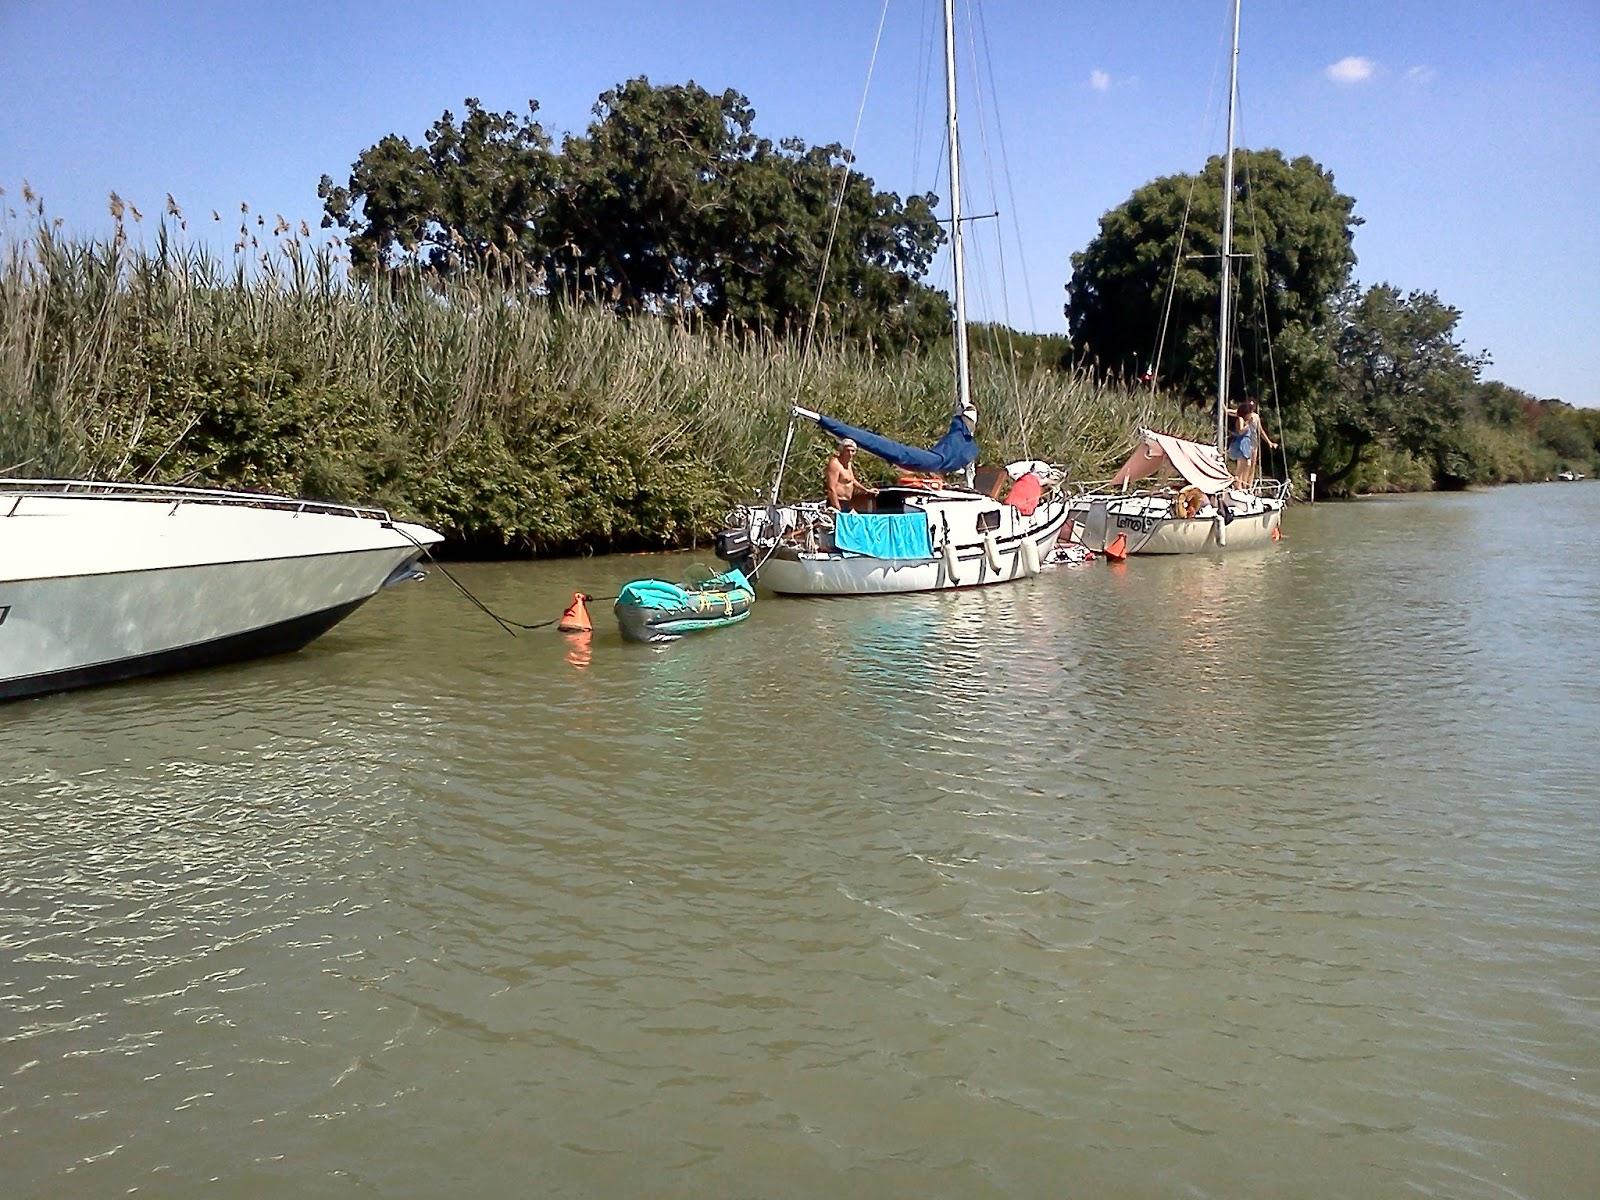 Tab scuola vela campeggio nautico alla foce del fiume fiora for Cabine del fiume bandera